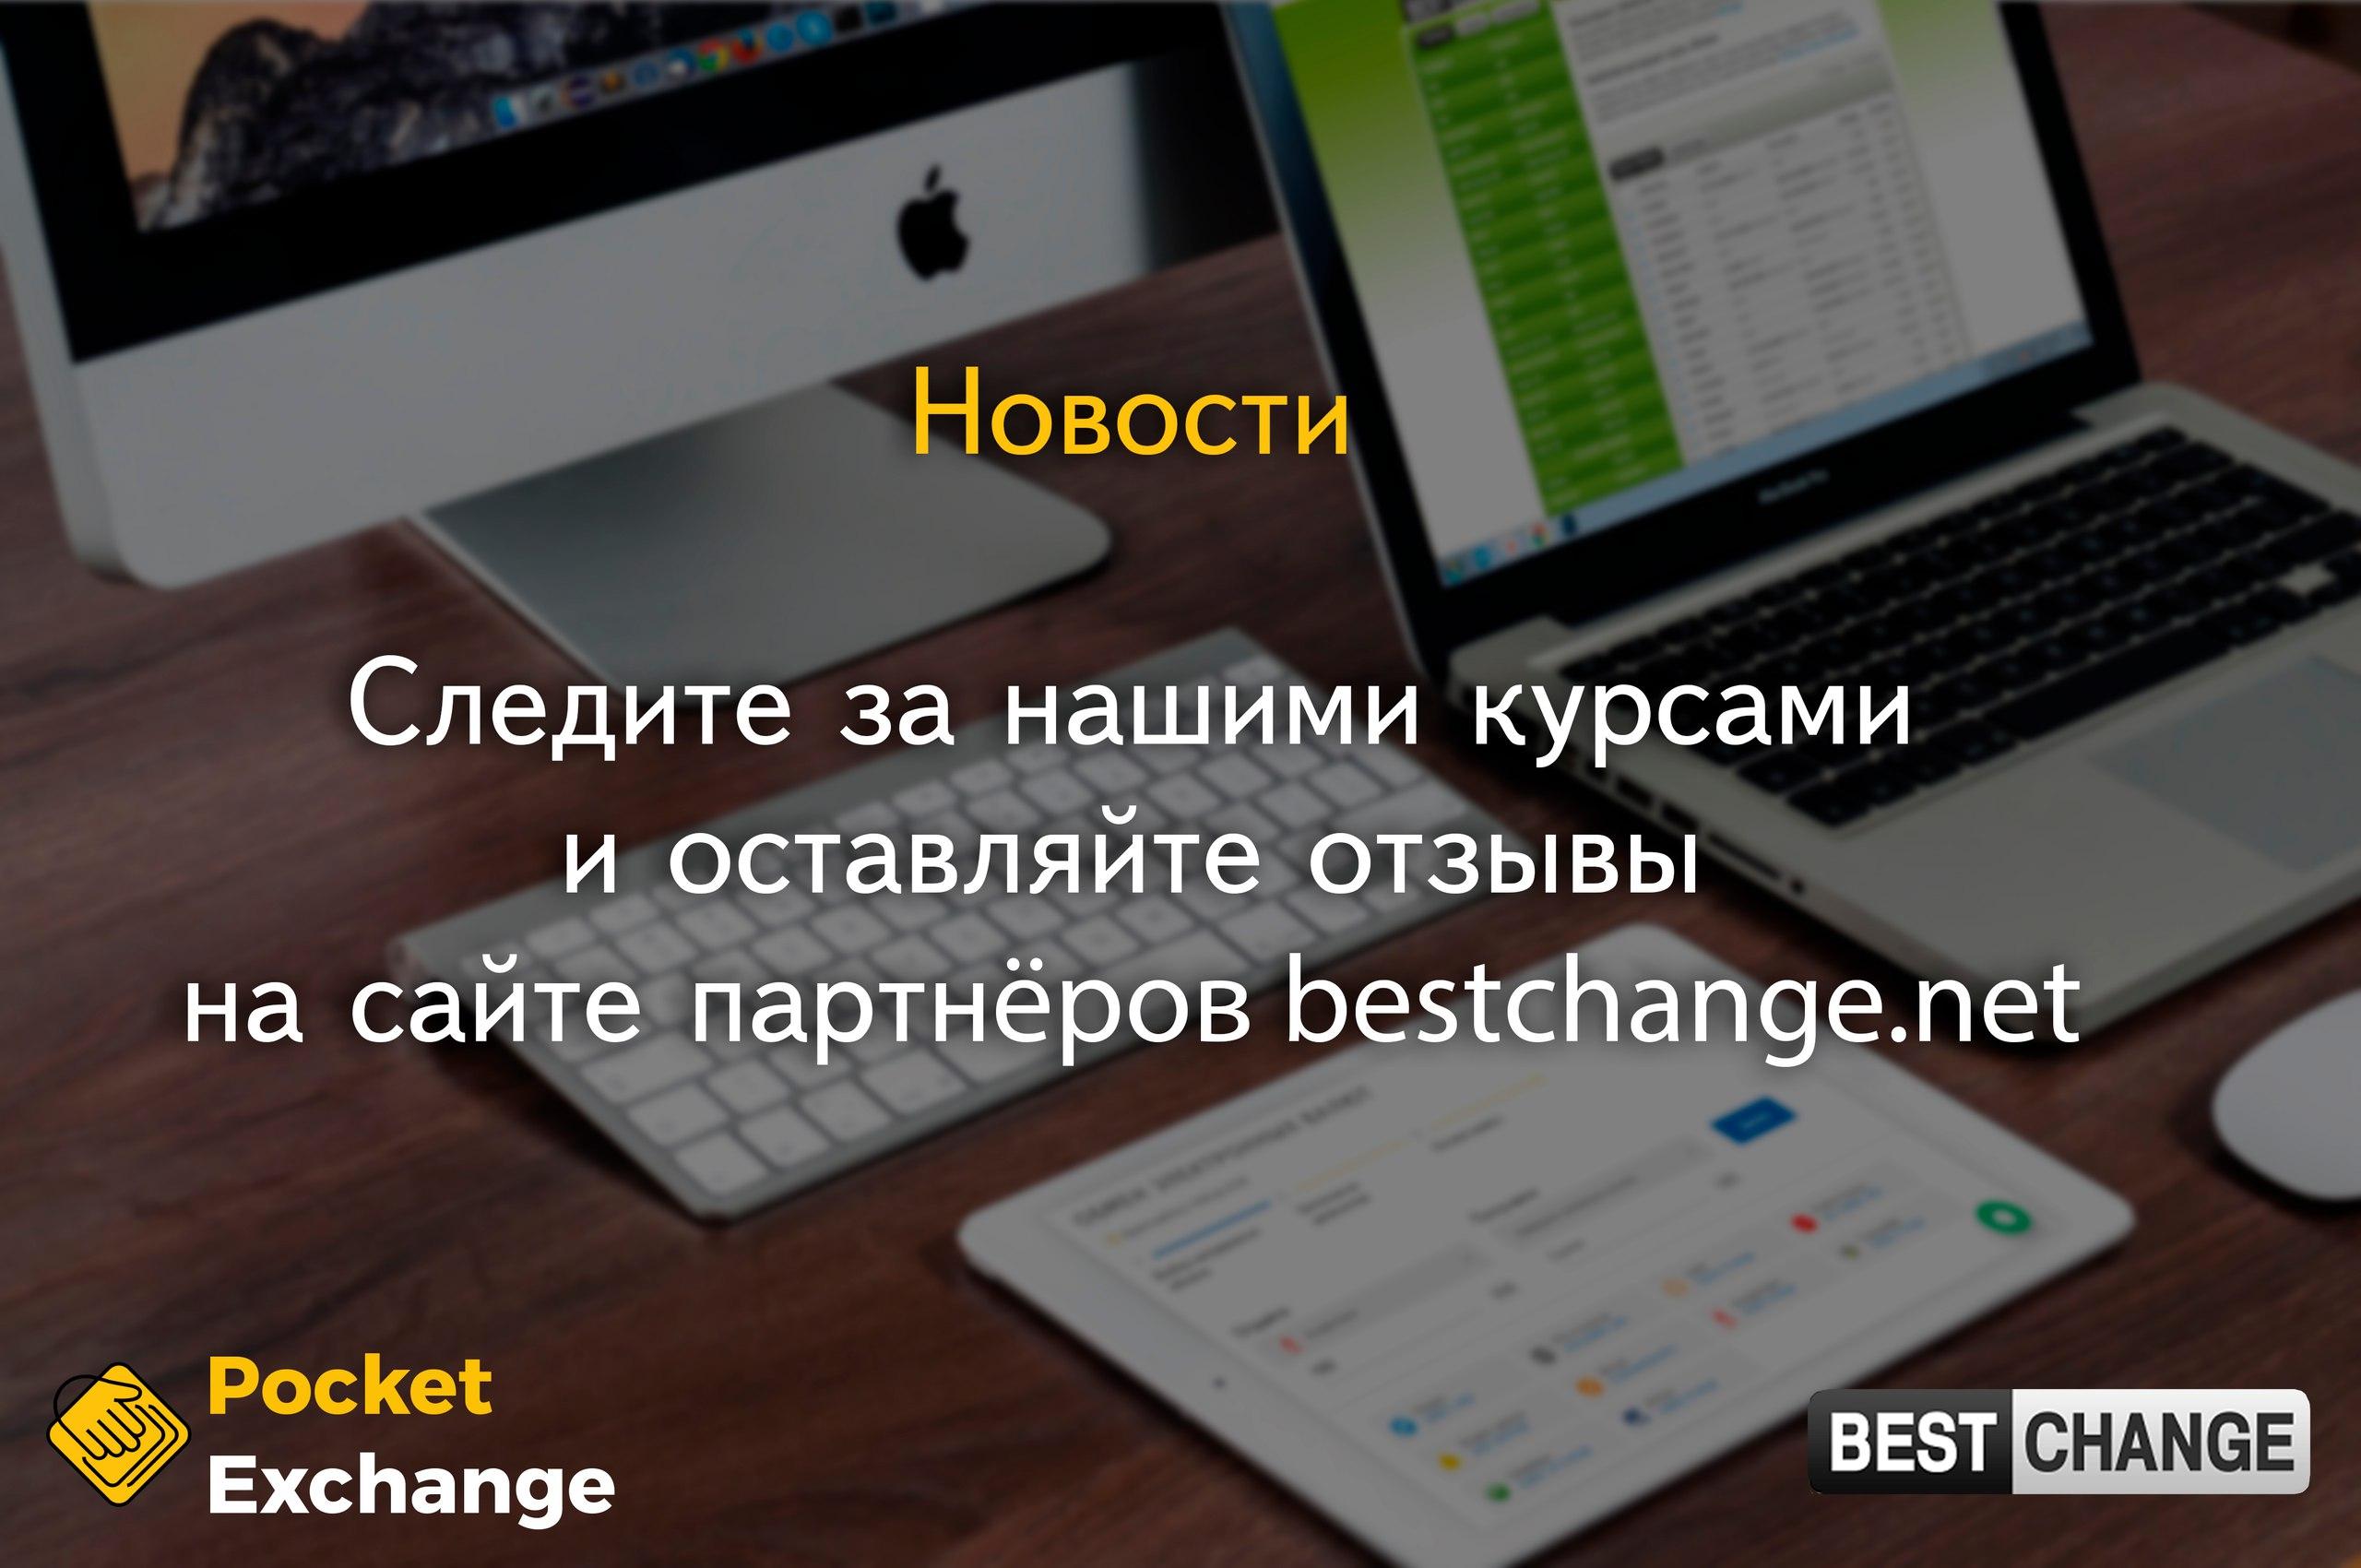 HTChAteO74g.jpg